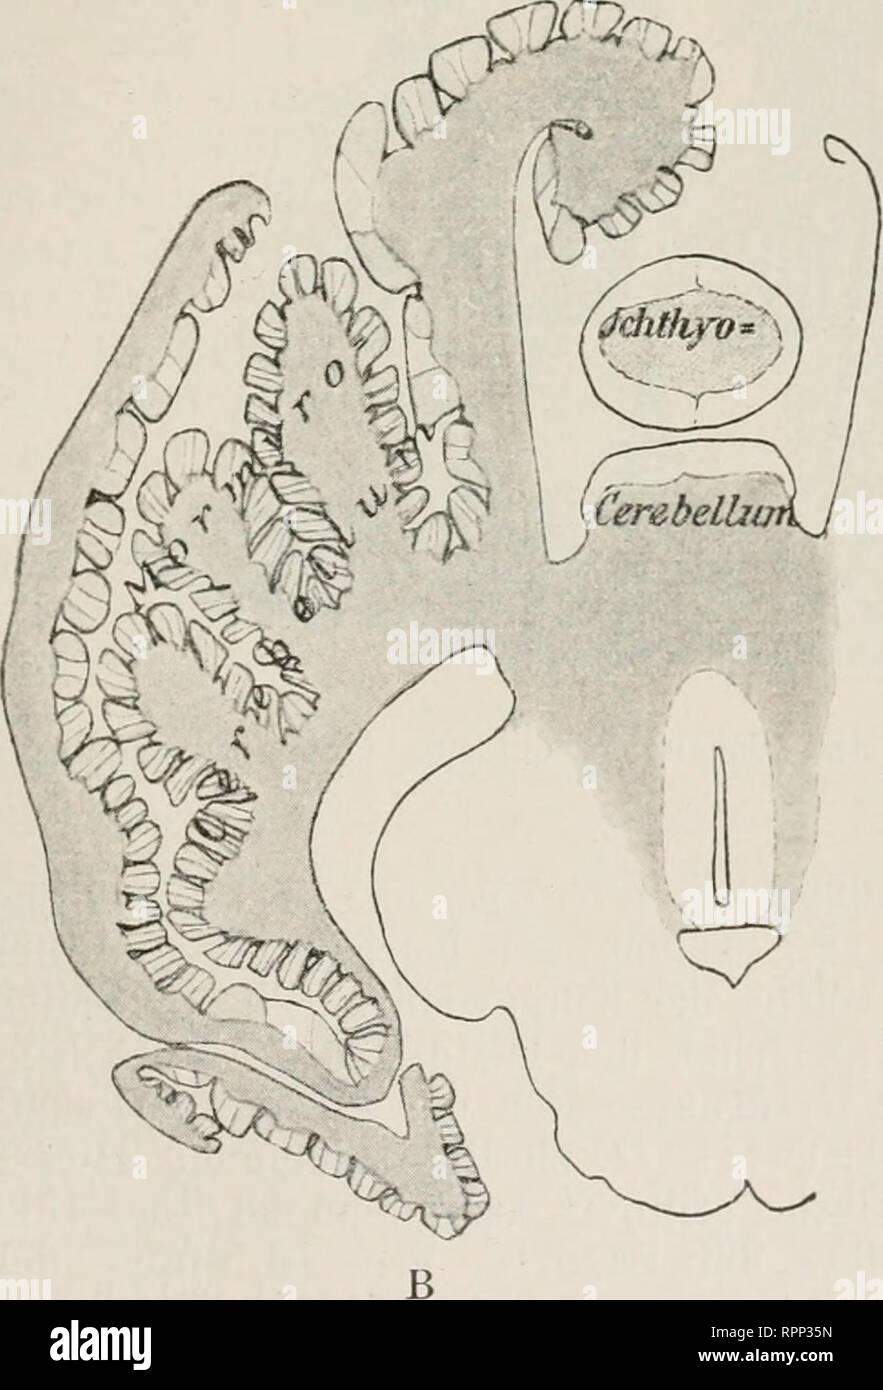 . Allgemeine Zoologie und Abstammungslehre. Evolution; Zoology. grube übergeht. Die Größe des Cerebellums steht in direkter Beziehung zur Beweglichkeit: schnelle Schwimmer {Sco7nber, Thynnus, Exocoetus, Clupea) und die weit wandernden Aale haben ein großes Cere- bellum, Qddiis ein mittleres und träge Fische {Pleuro- nectes, Lophius, Scorpaena, Hippocampus) ein kleines. Der Aquaeductus Sylvii setzt C Fig. 518. A Gehirn von Mormyrus kanume von der Seite, B Querschnitt durch das Kleinhirn. Körnerschicht grau, Molekularschicht heller. C Querschnitt durch eine Kleinhirnfalte eines Mormyriden (Petro - Stock Image